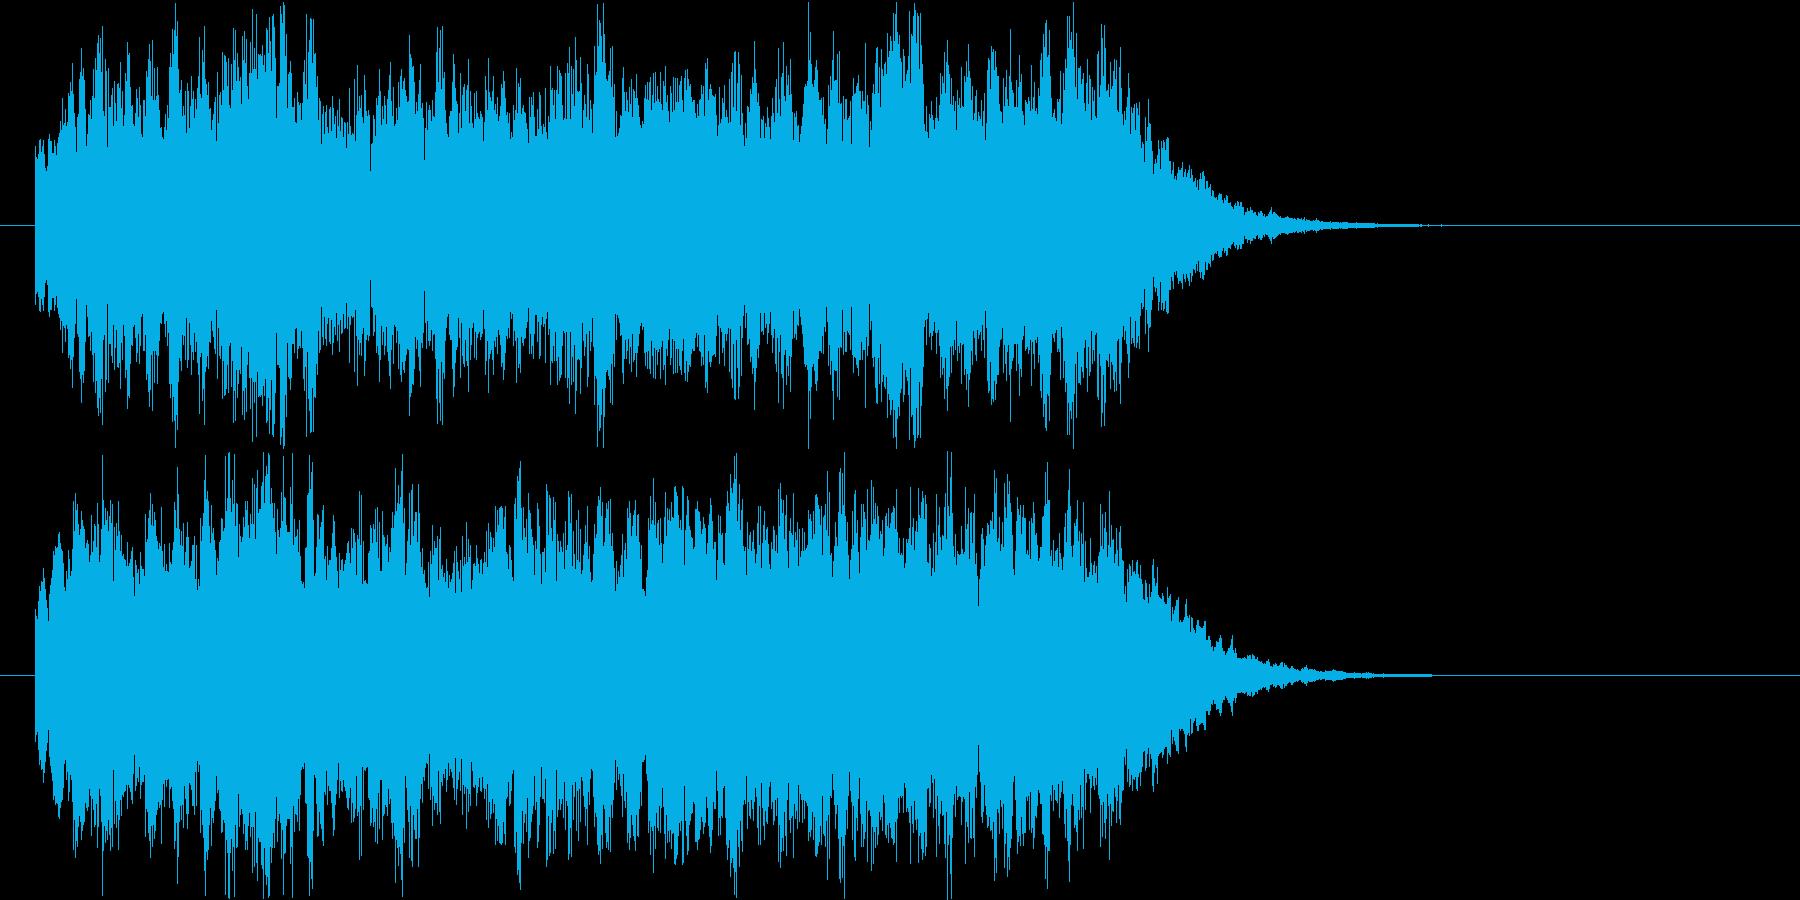 ジングル  奇妙 謎 不思議の再生済みの波形